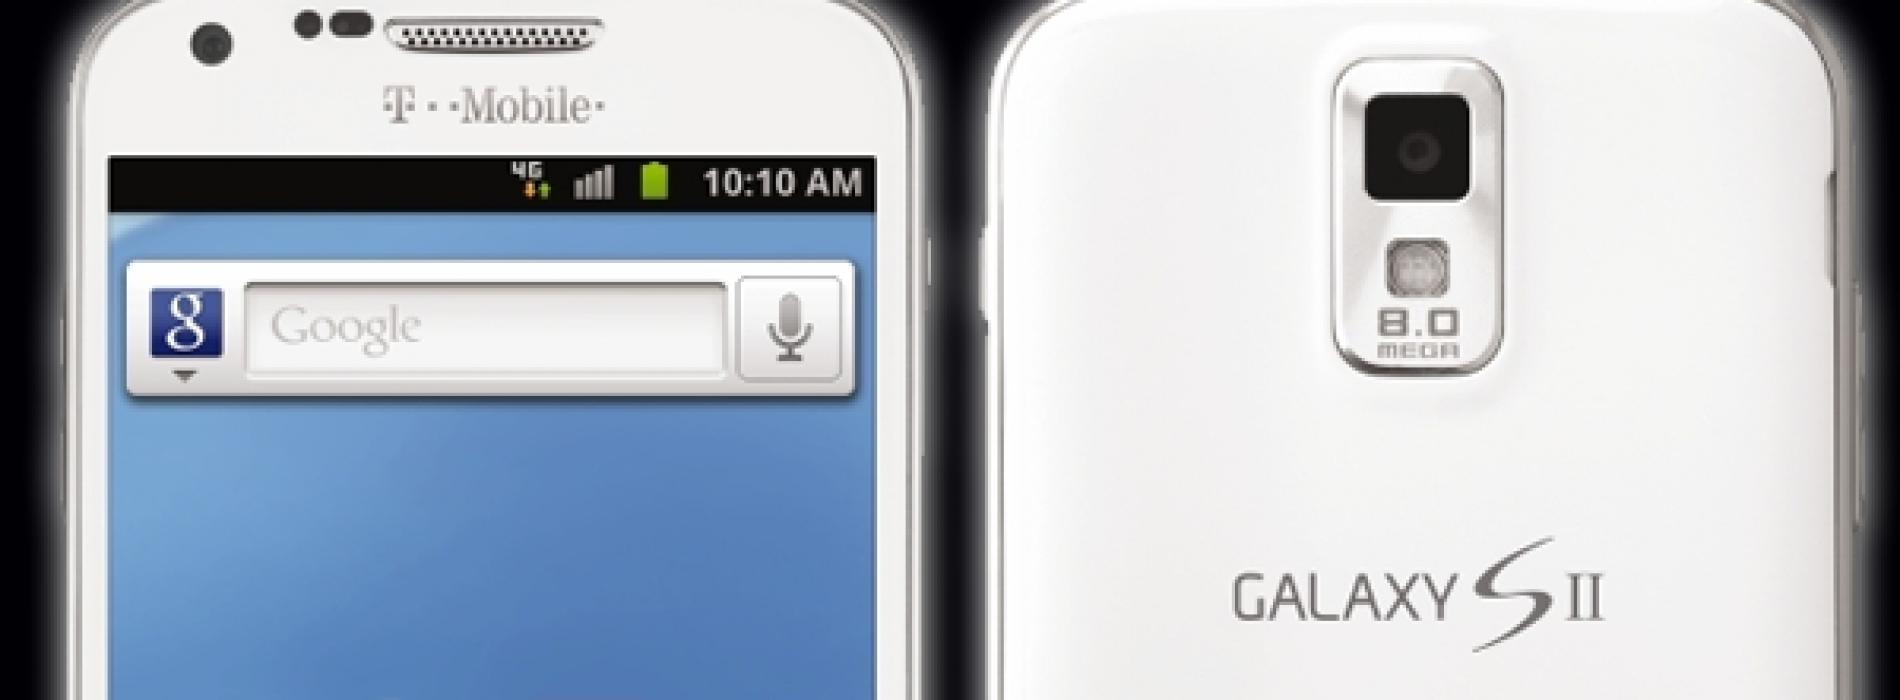 Samsung: 20 million Galaxy S II phones in first 10 months